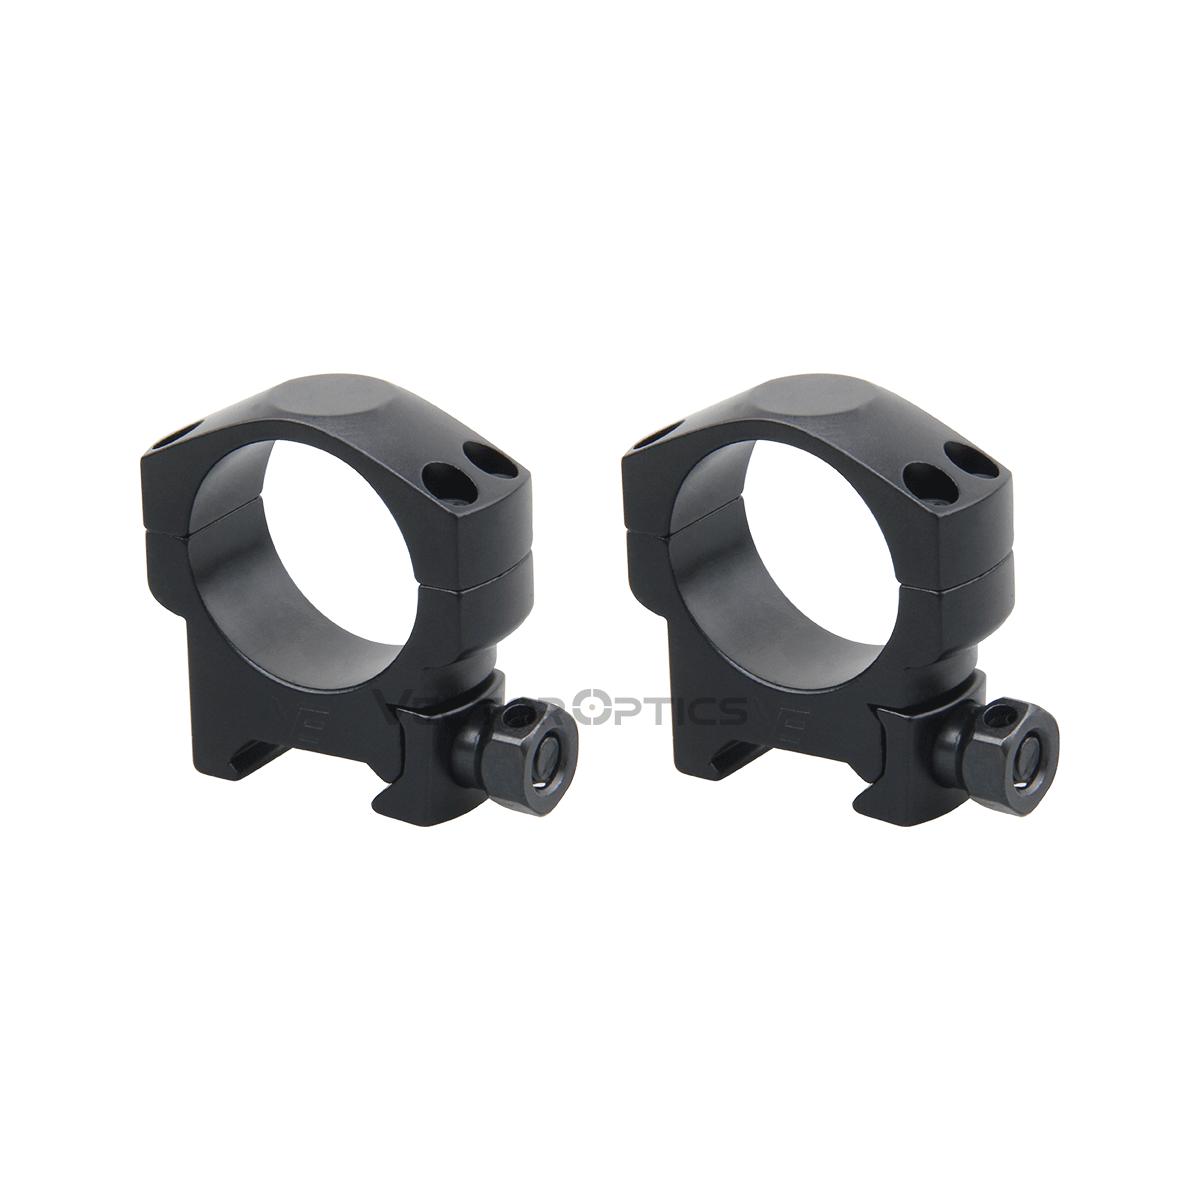 30mm Low Profile Mark Scope Weaver Rings